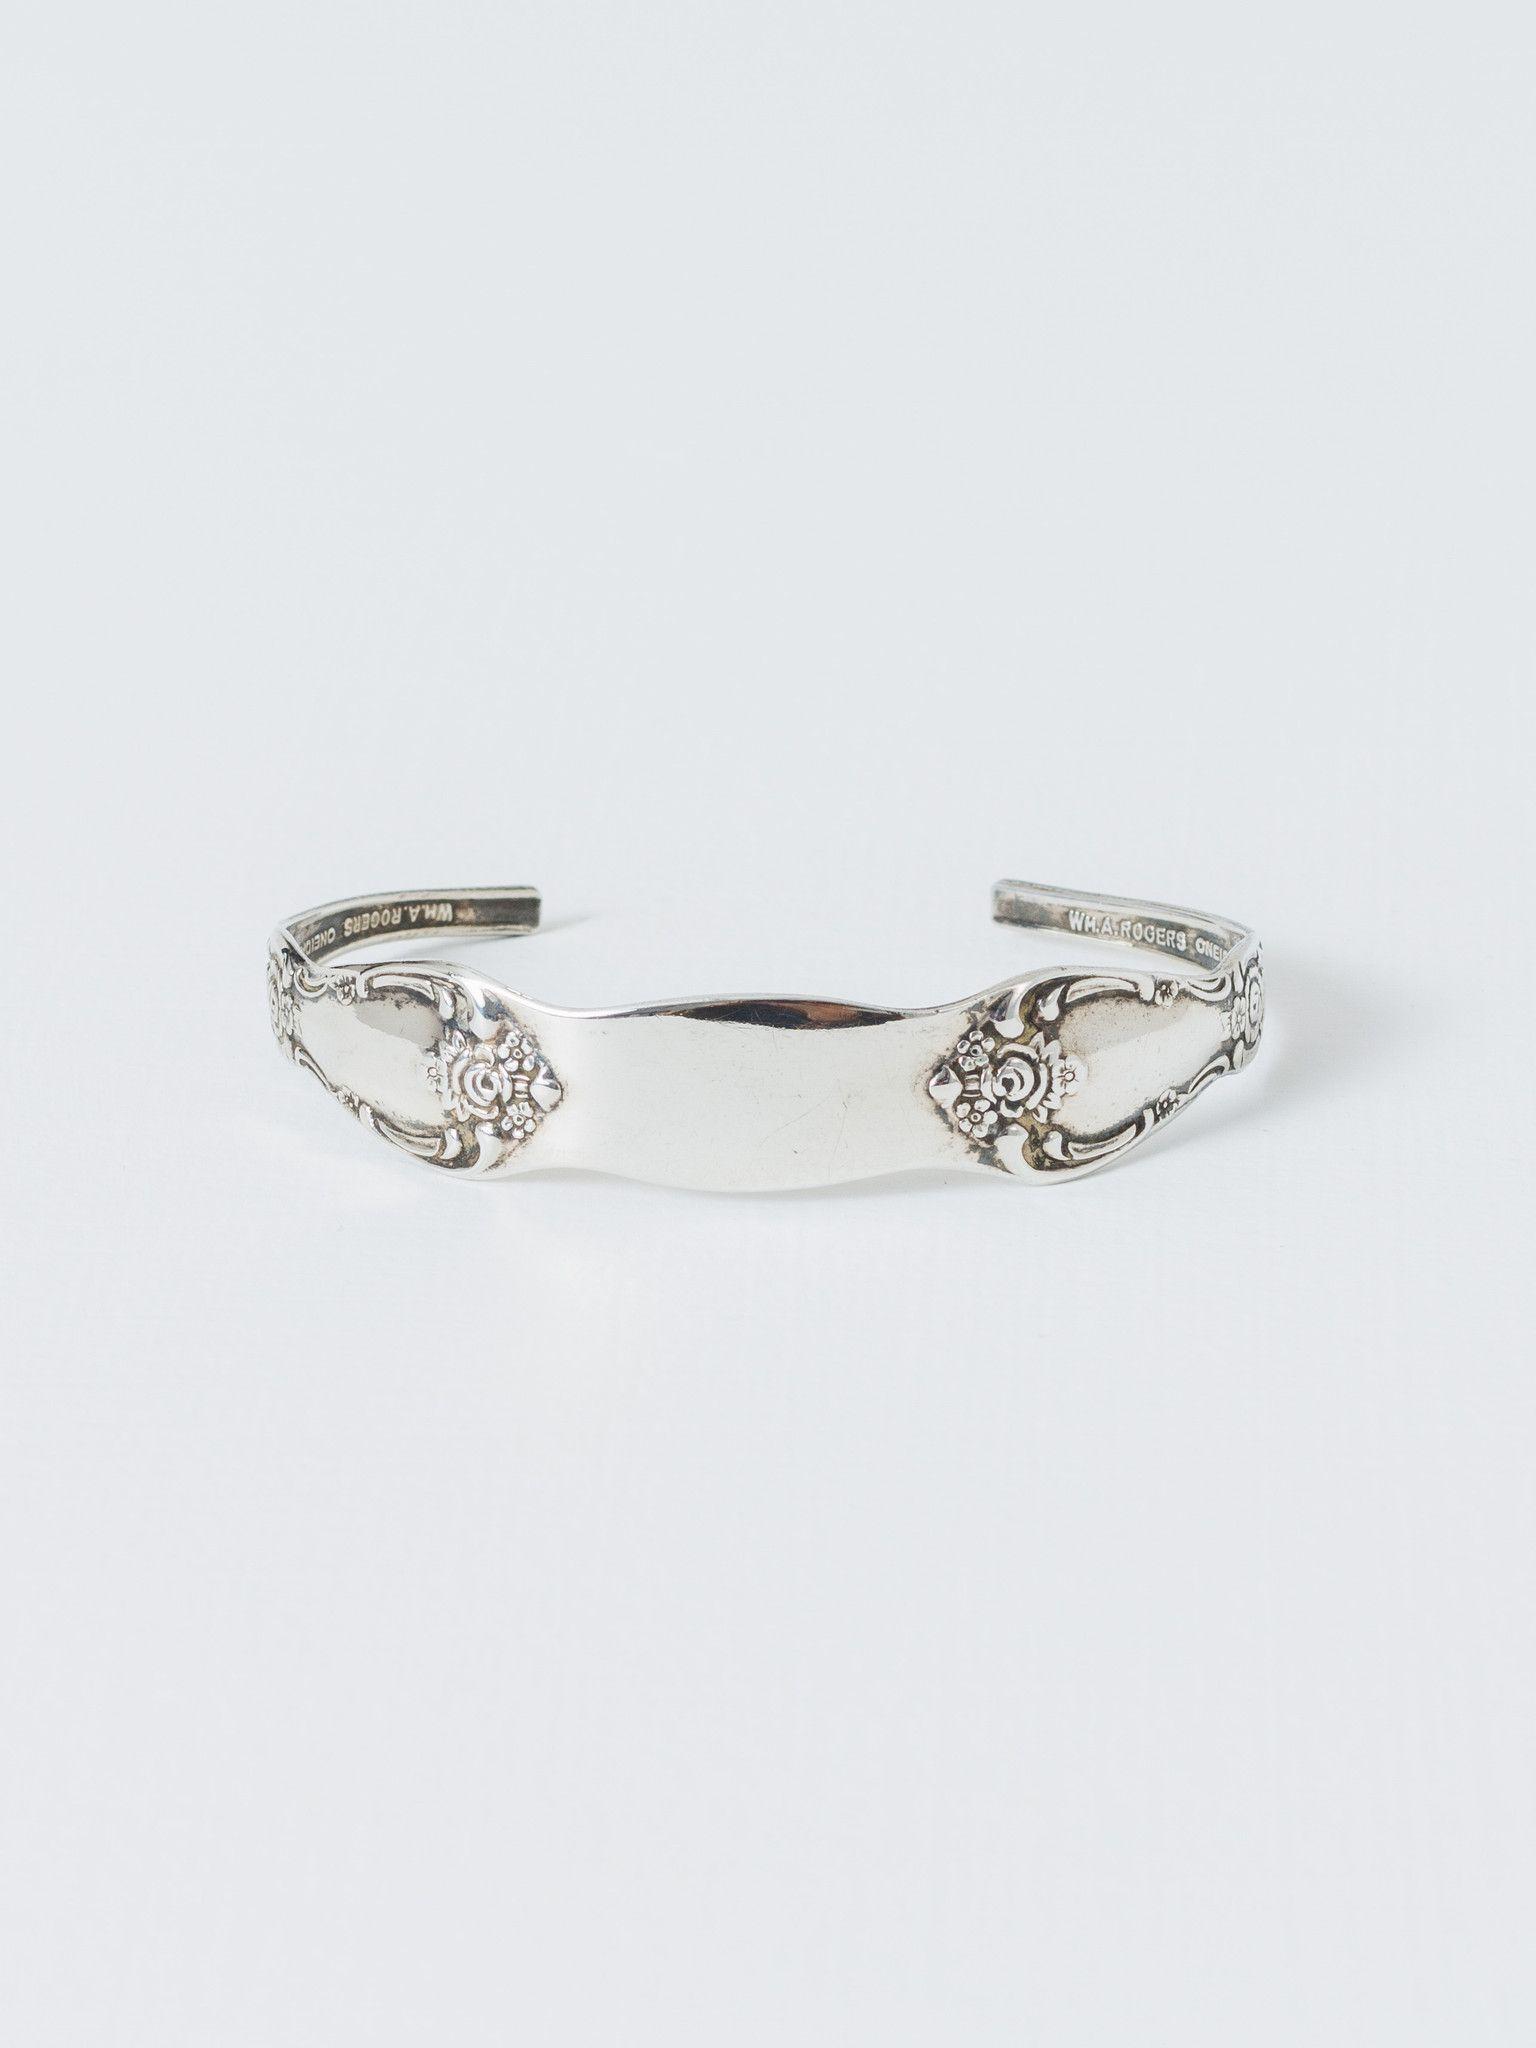 Oneida Spoon Cuff Bracelet